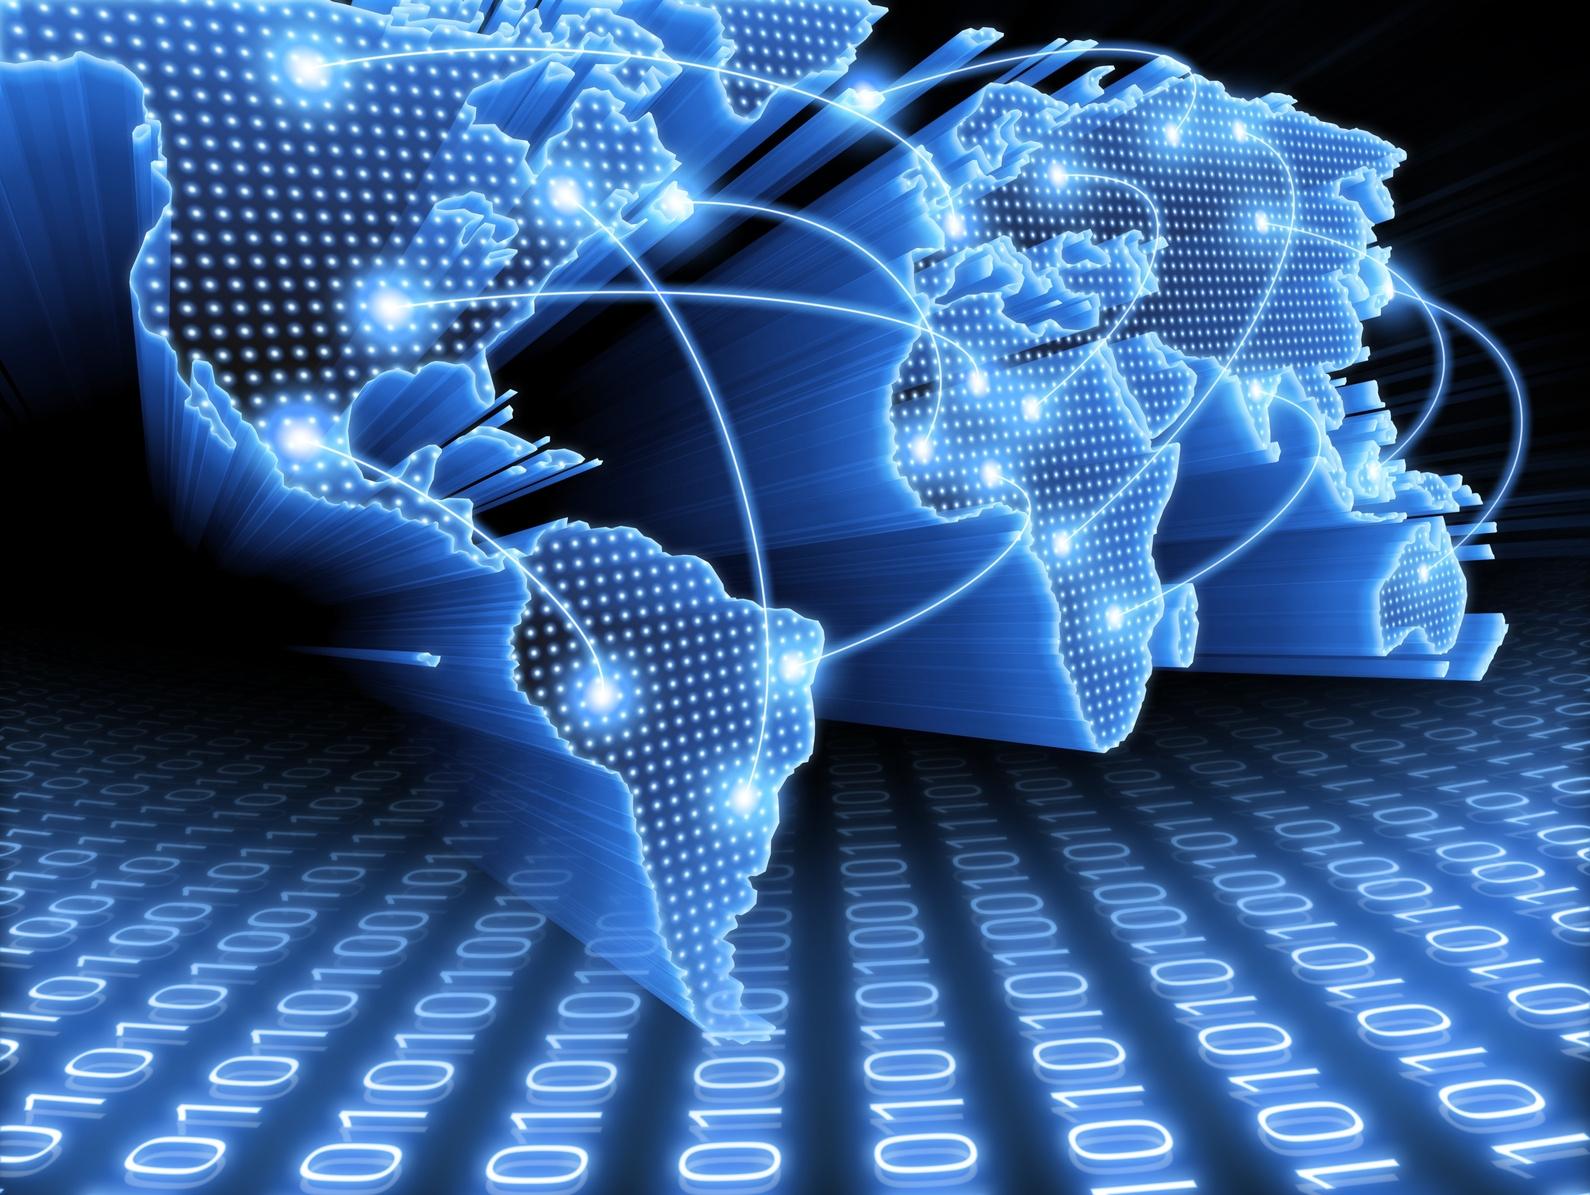 Internet fondamentale come acqua, luce e gas per il 44% degli italiani